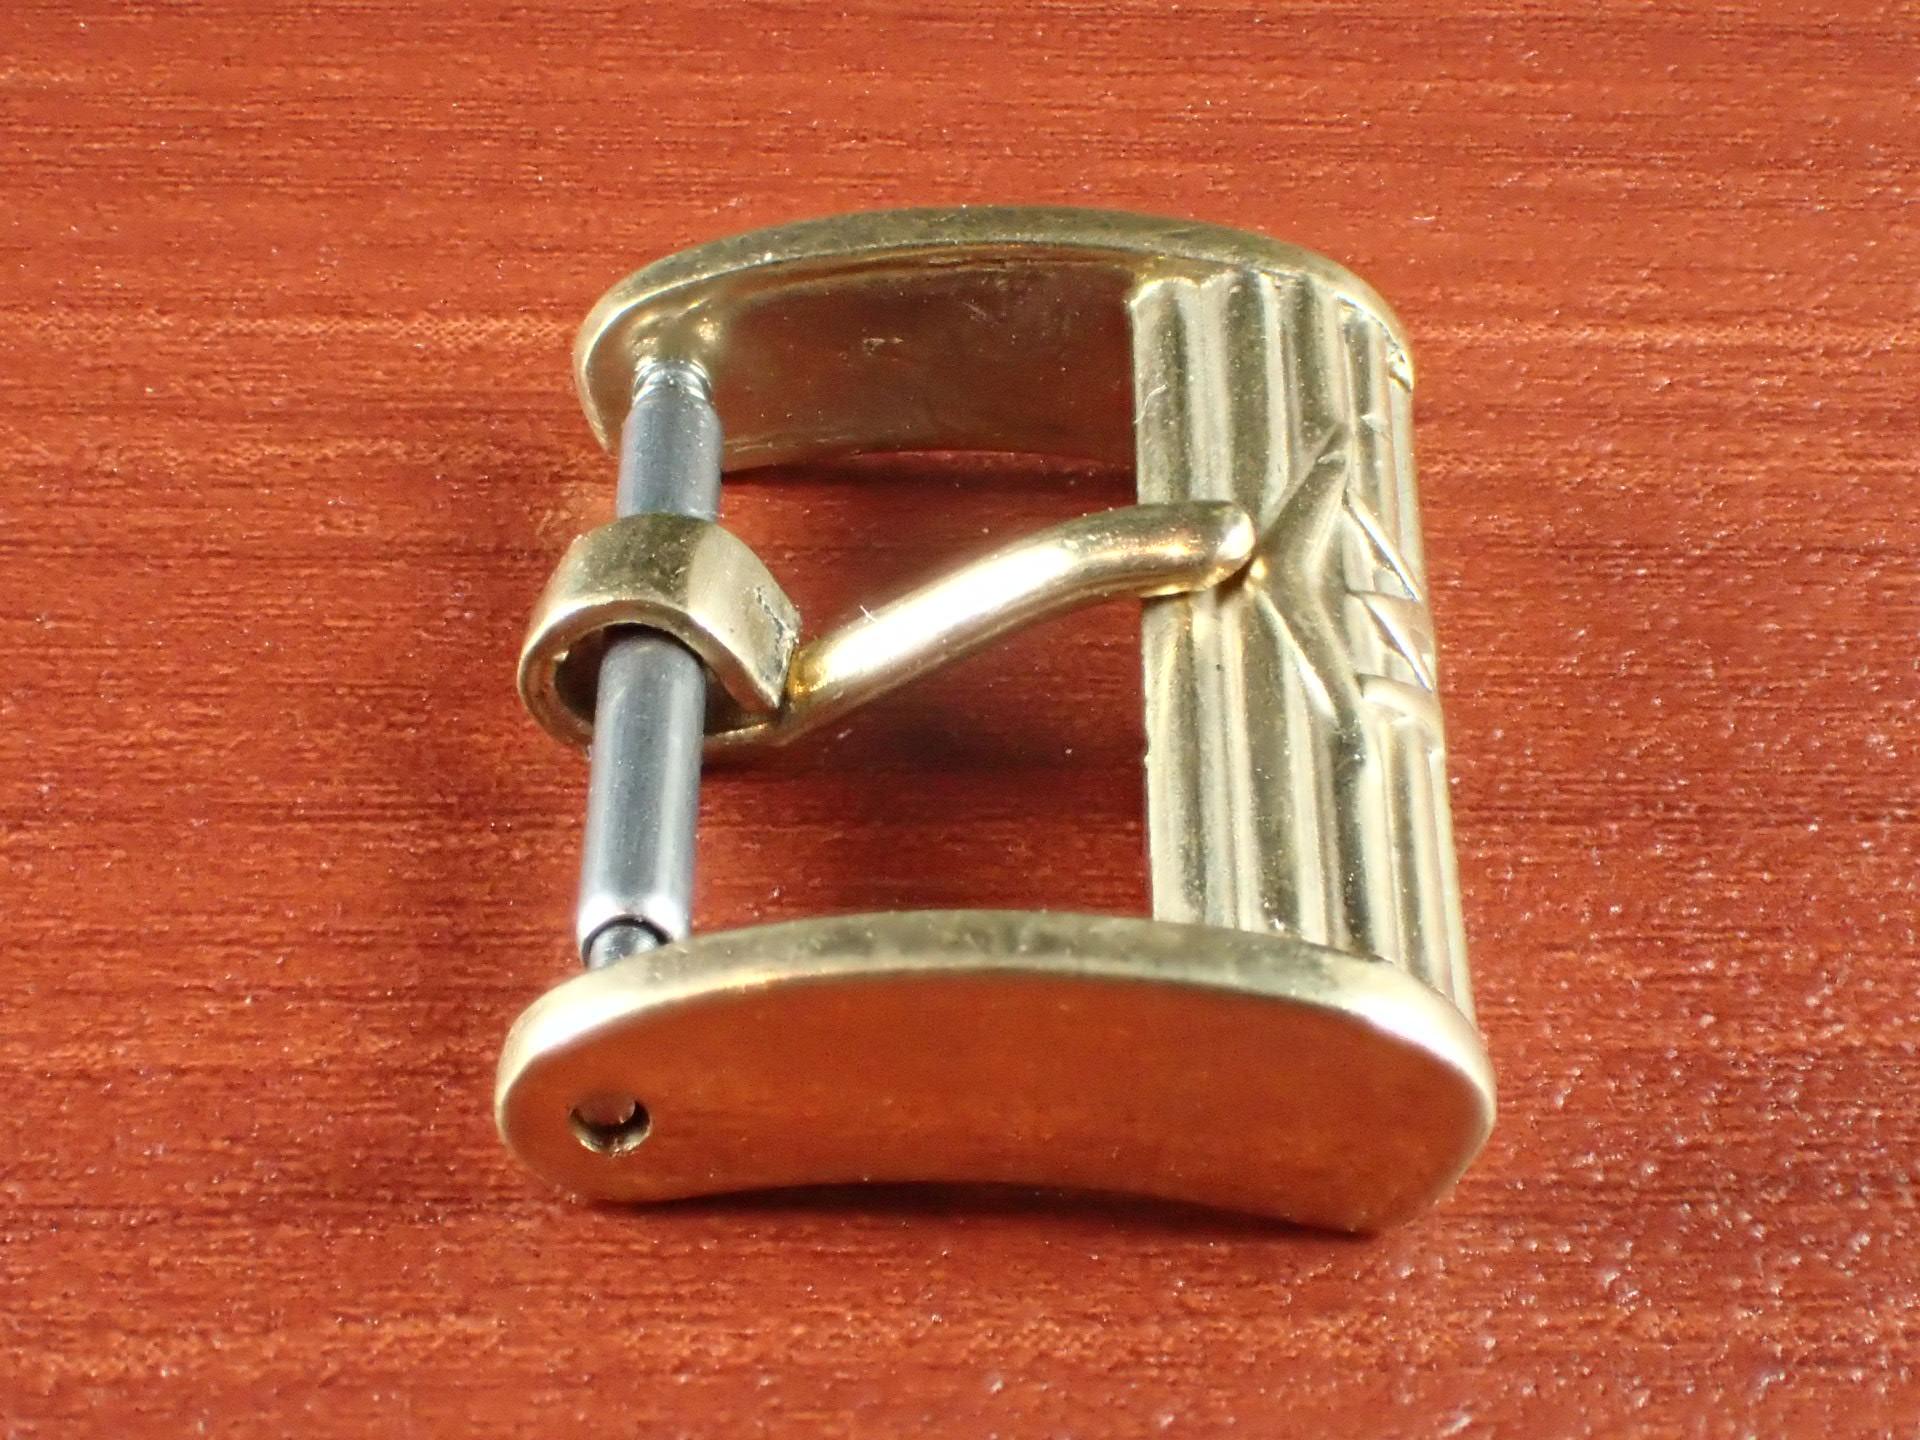 モバード ヴィンテージ尾錠 YGF 1950年代の写真3枚目